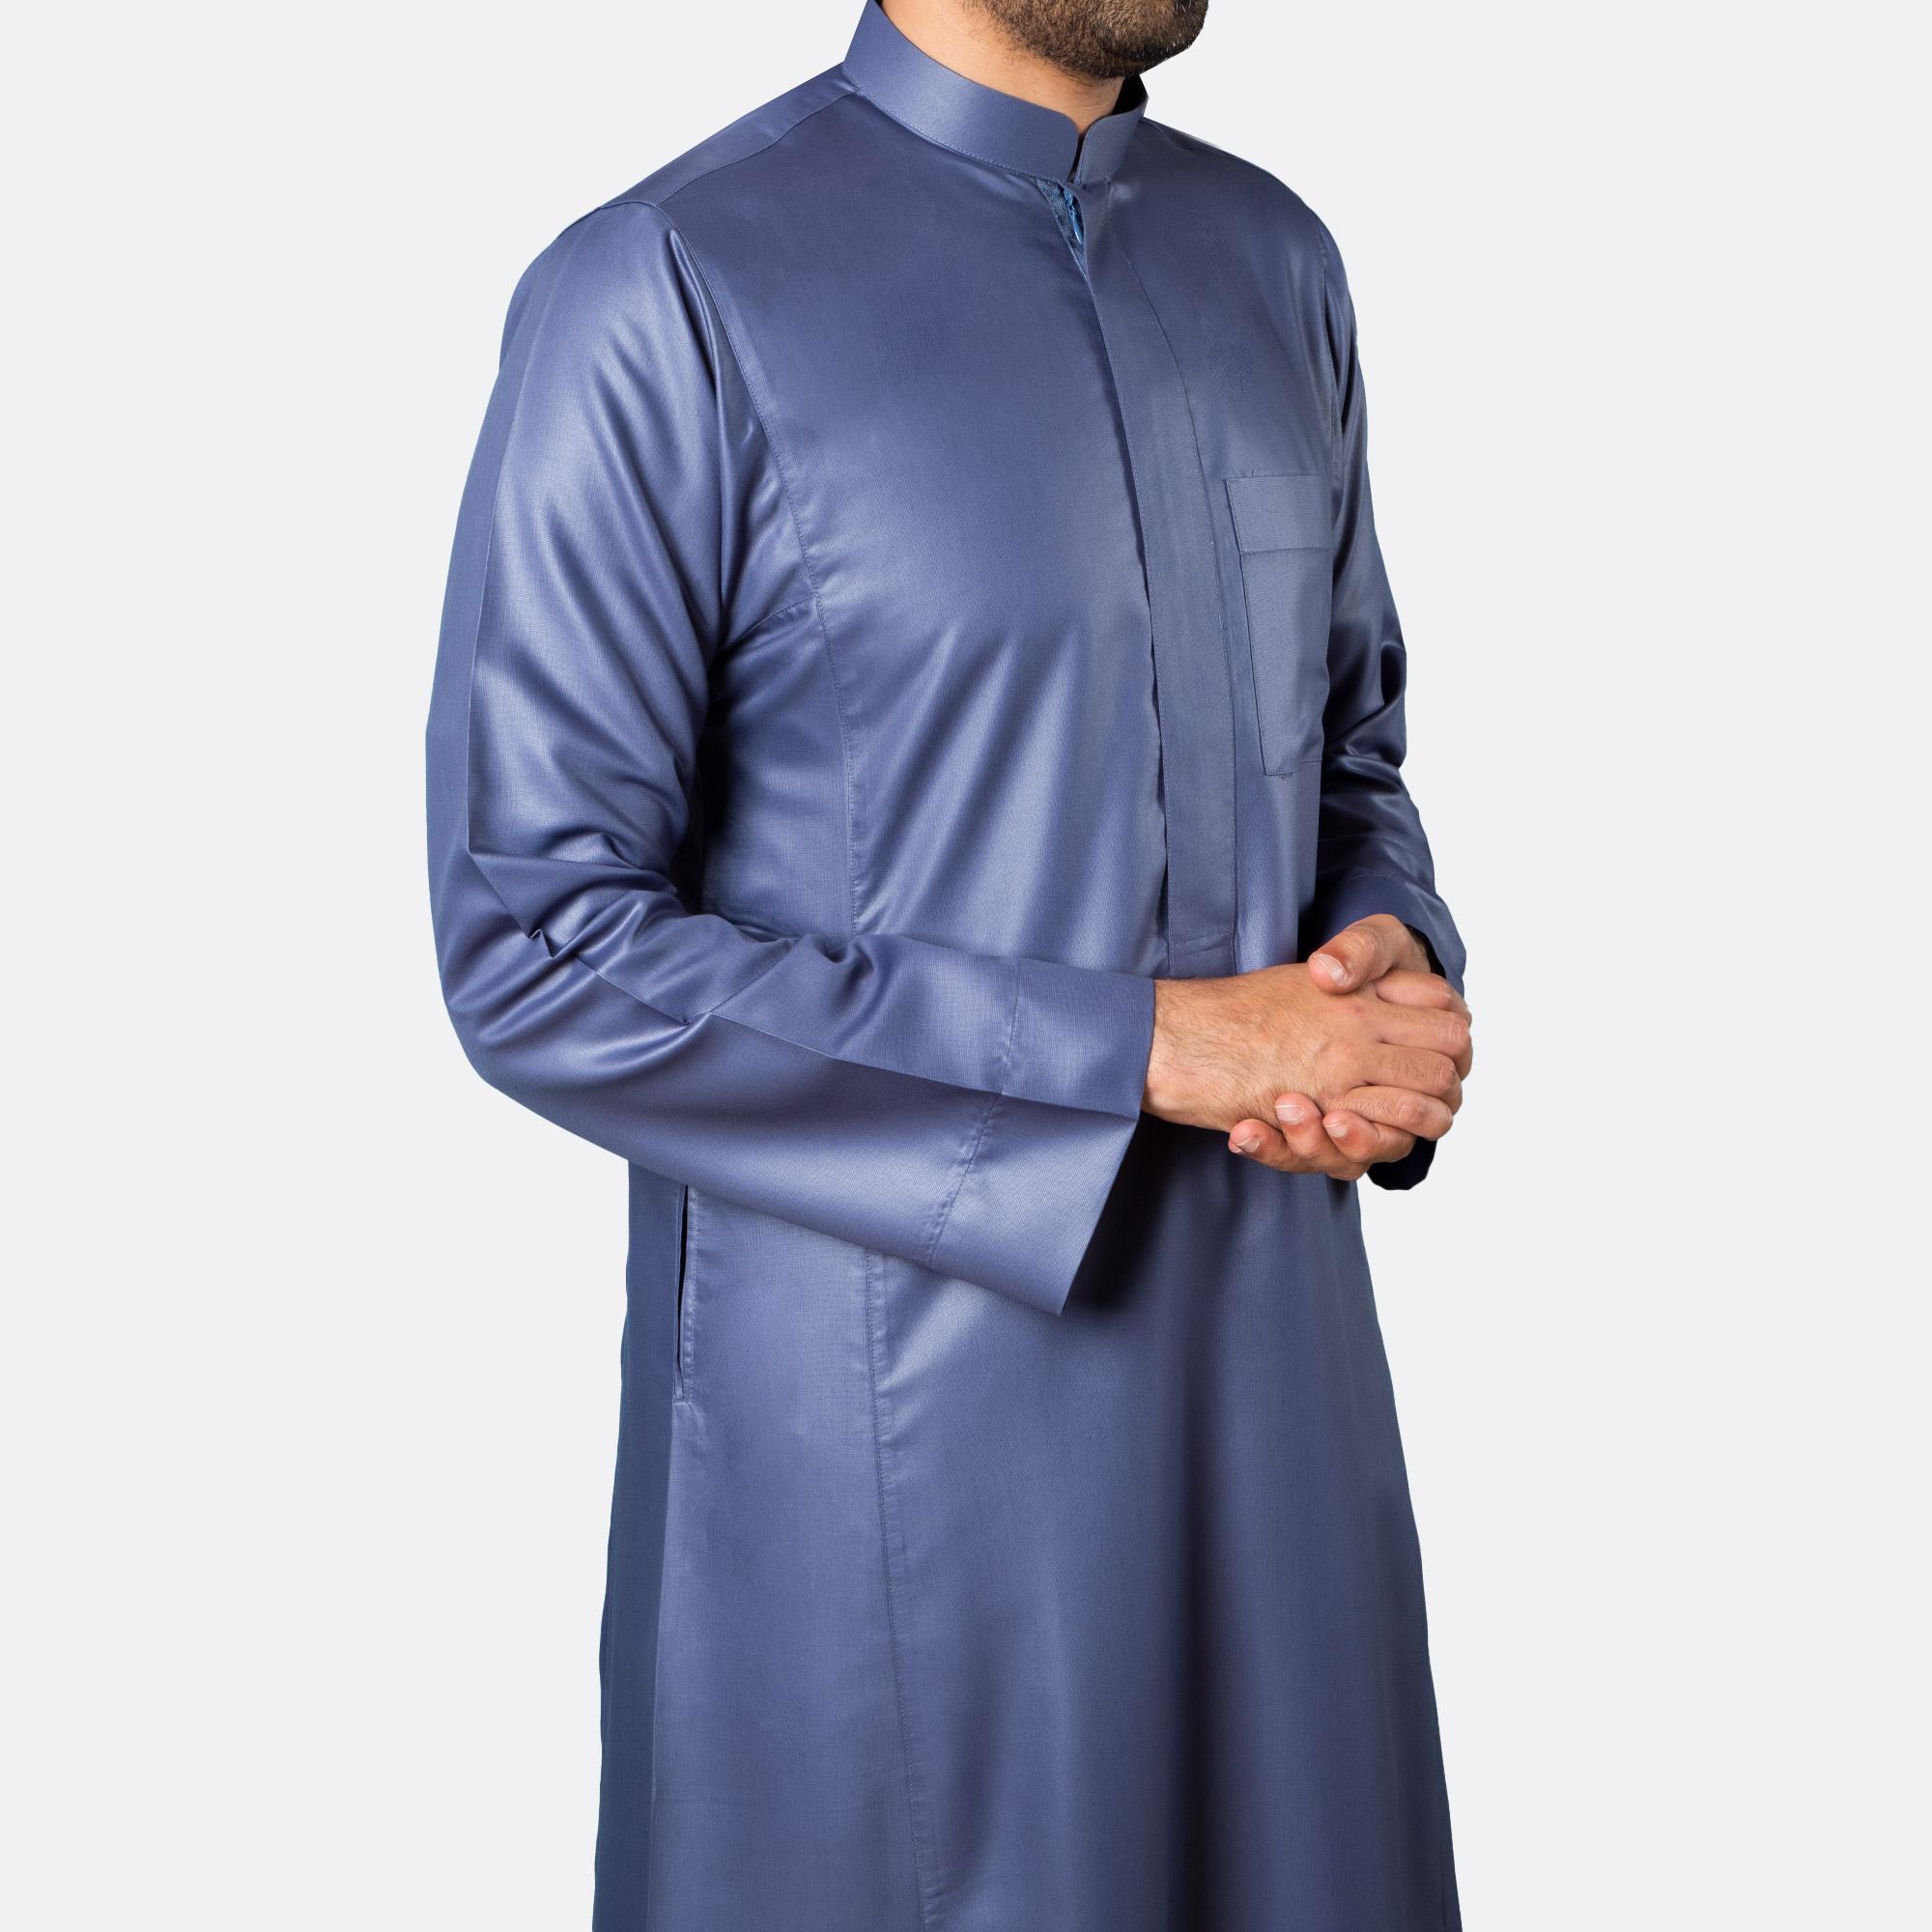 ثوب كلاسيكي فاخر أزرق غامق سحّاب